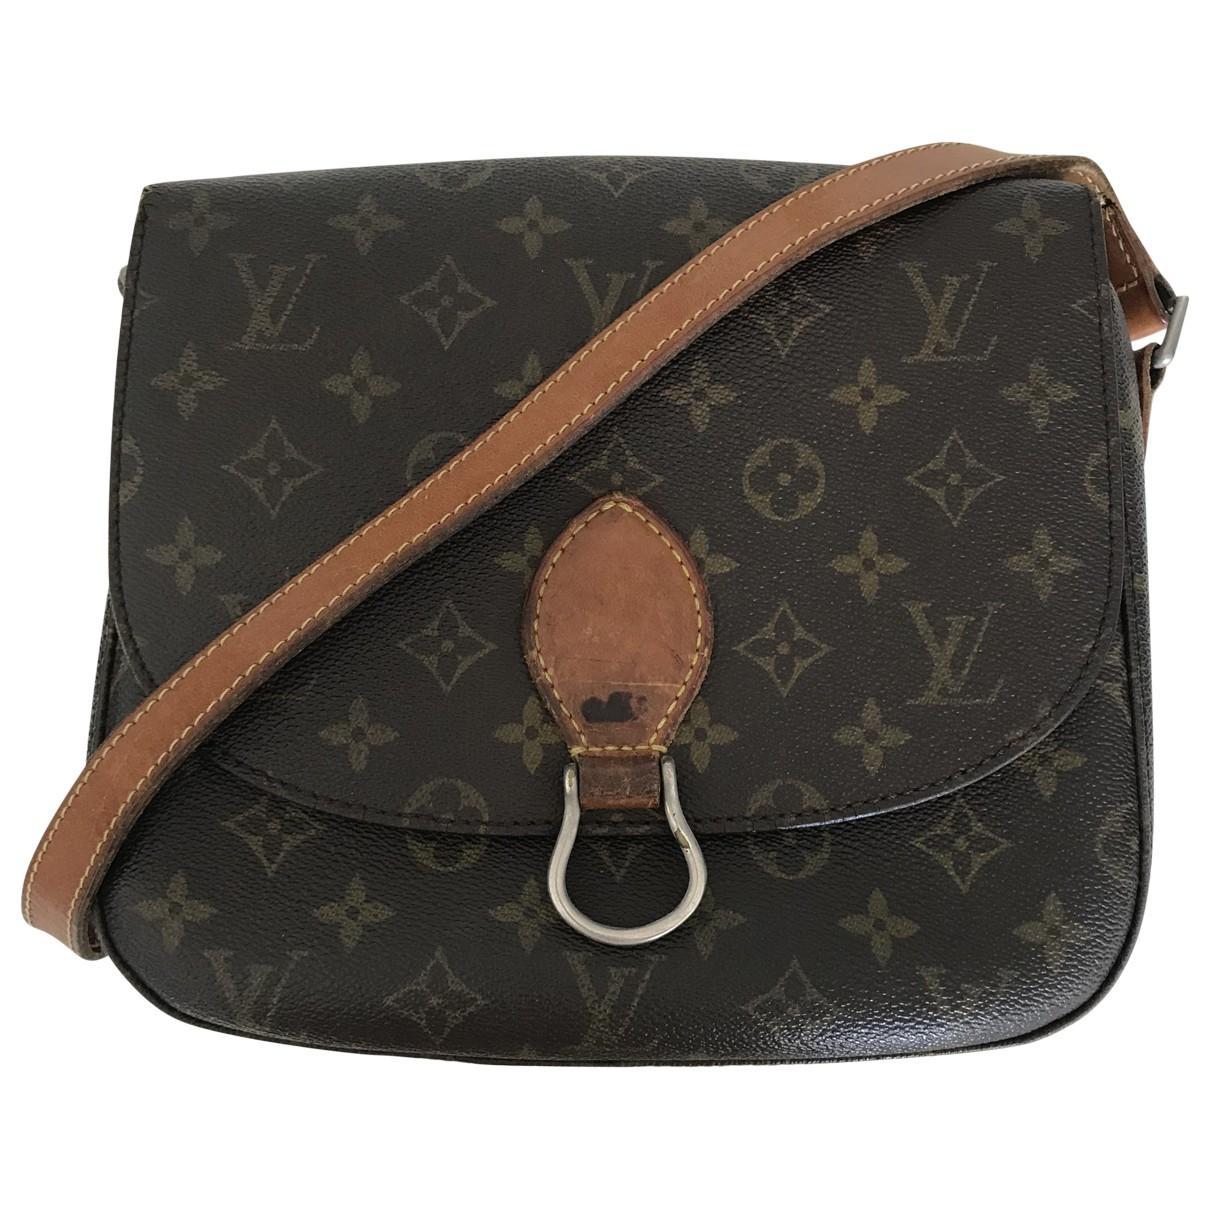 516f6cc42532 Lyst - Louis Vuitton Saint Cloud Cloth Crossbody Bag in Brown